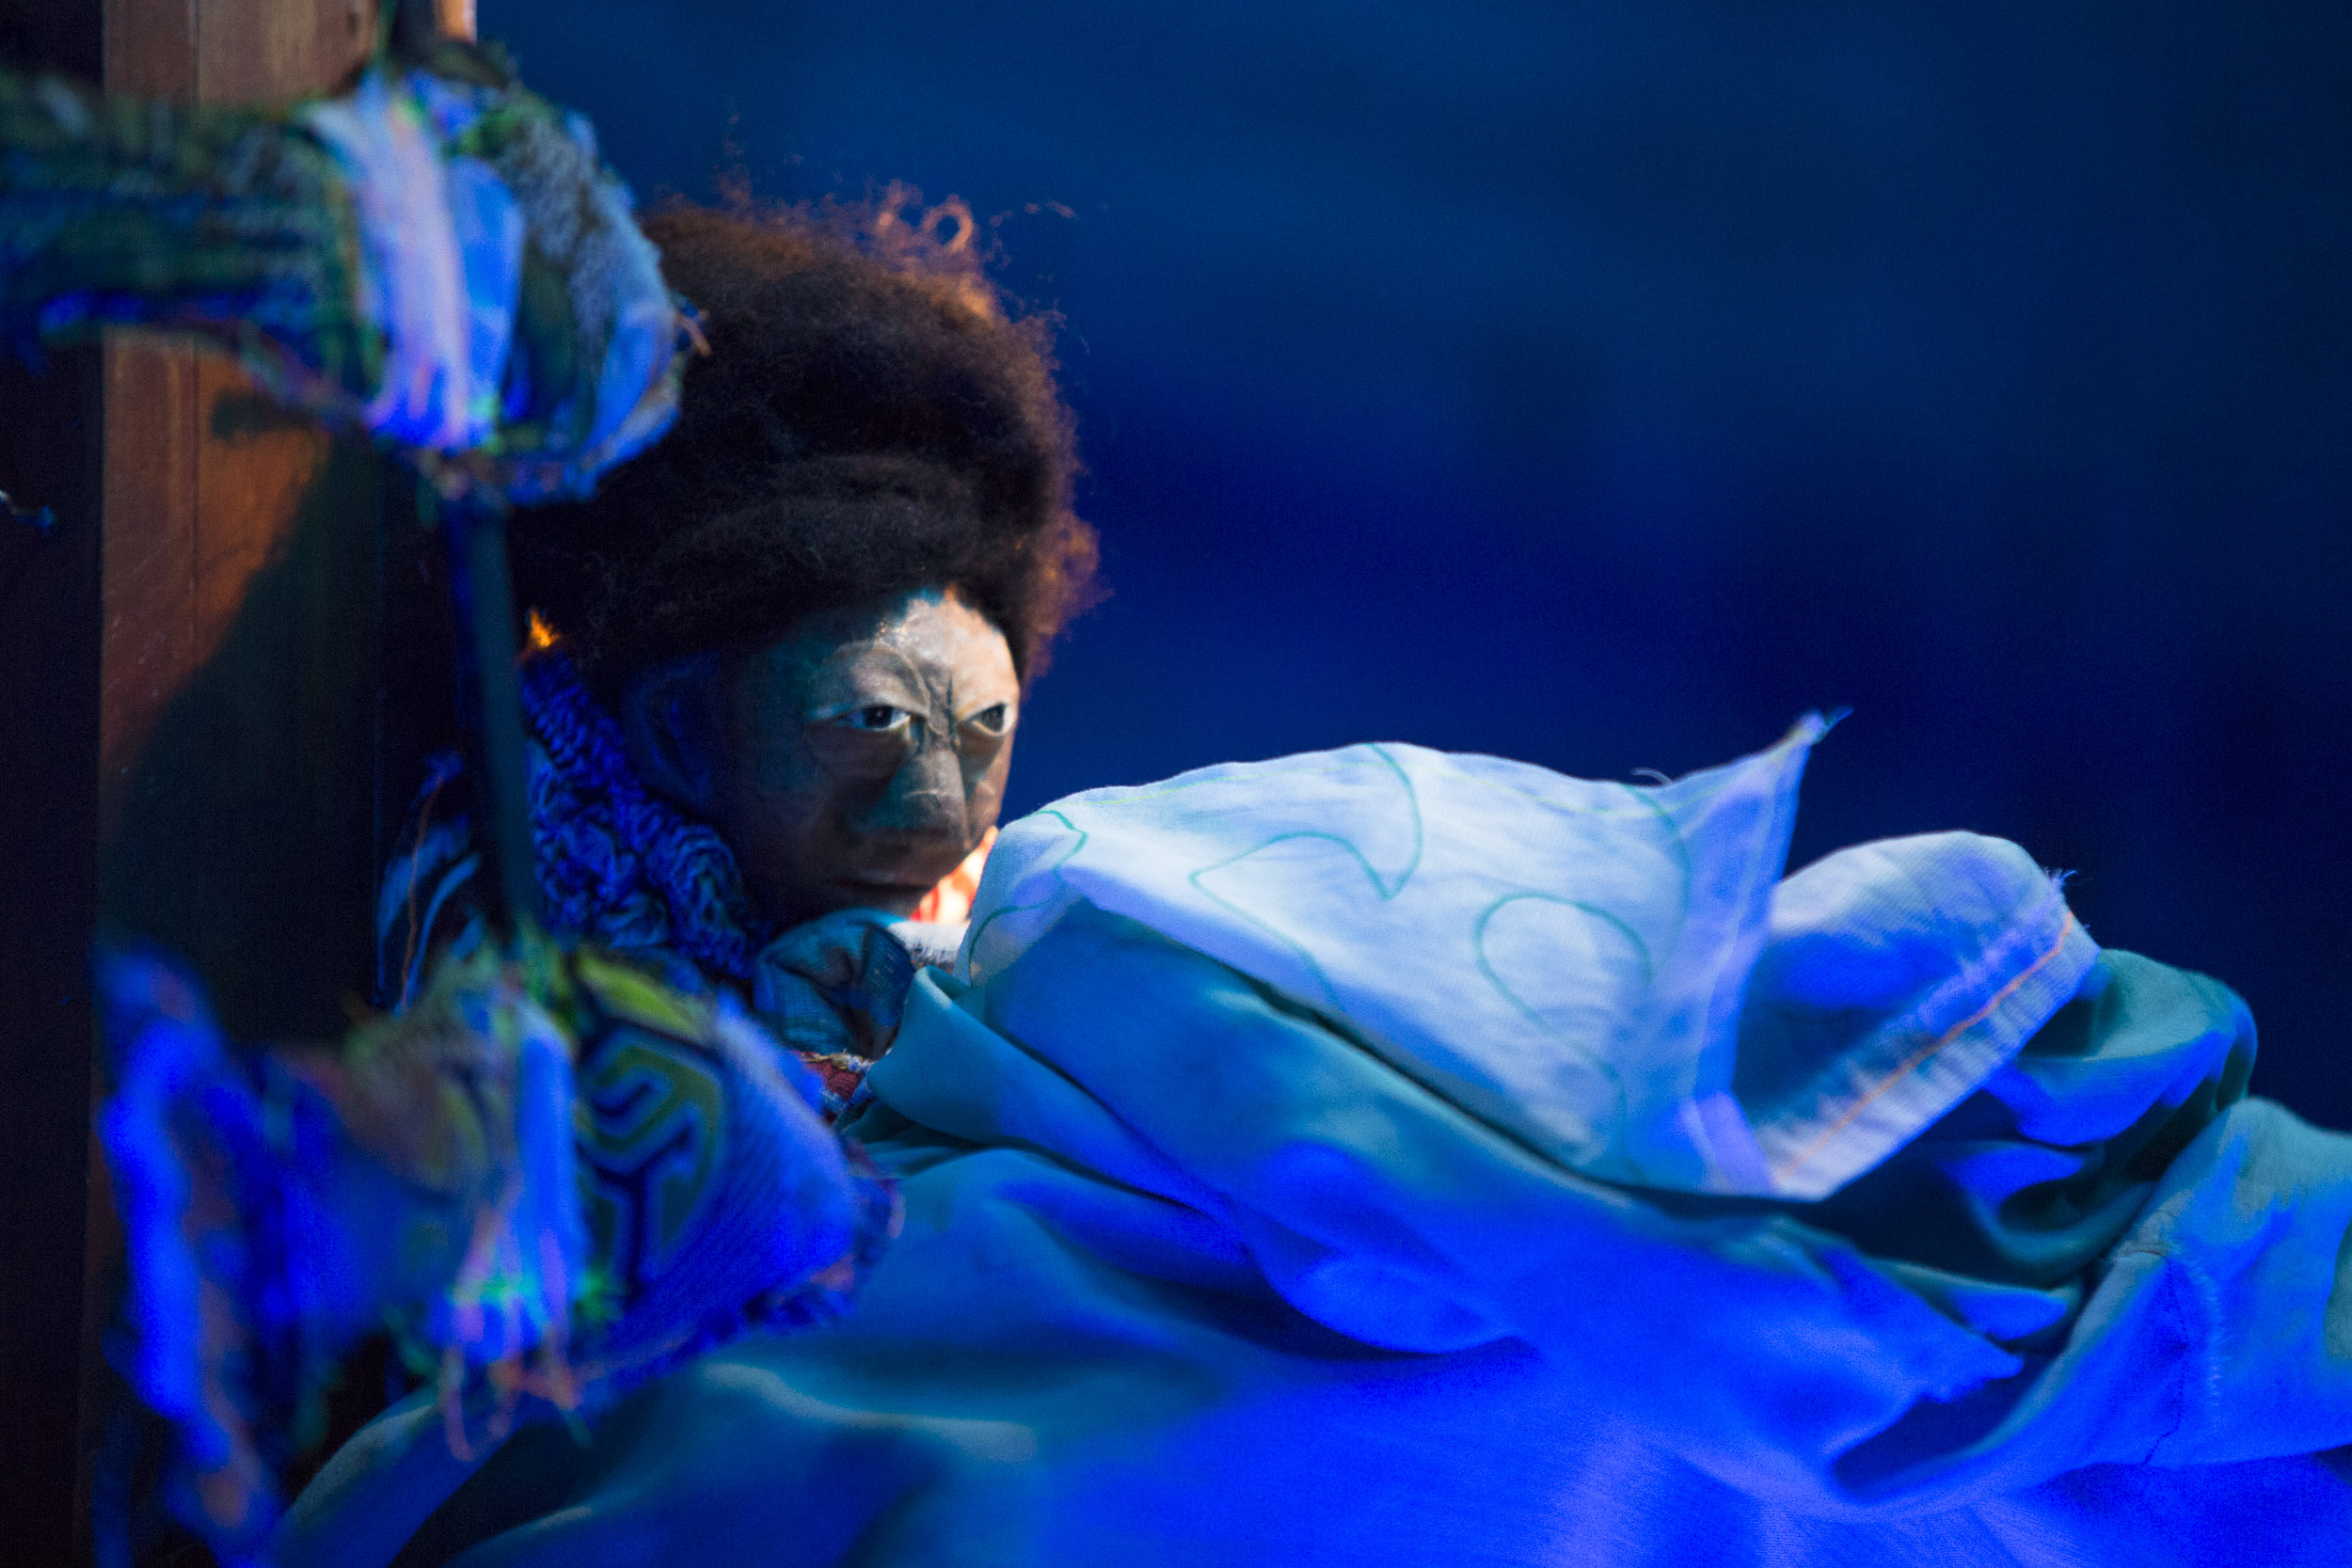 São Paulo, 21/10/2016 - Plongeé, uma mescla de teatro visual, marionetes e música, Plongée é o mergulho de uma menina que toda vez que dorme cai no oceano e se mistura aos peixes e seres aquáticos. Até o dia que ela decide subir a superfície e ver o céu.Em duo, Juliana Notari com suas marionetes e formas animadas e Jorge Zeta com seu clarinete, clarone e efeitos , constroem juntos este mergulho.